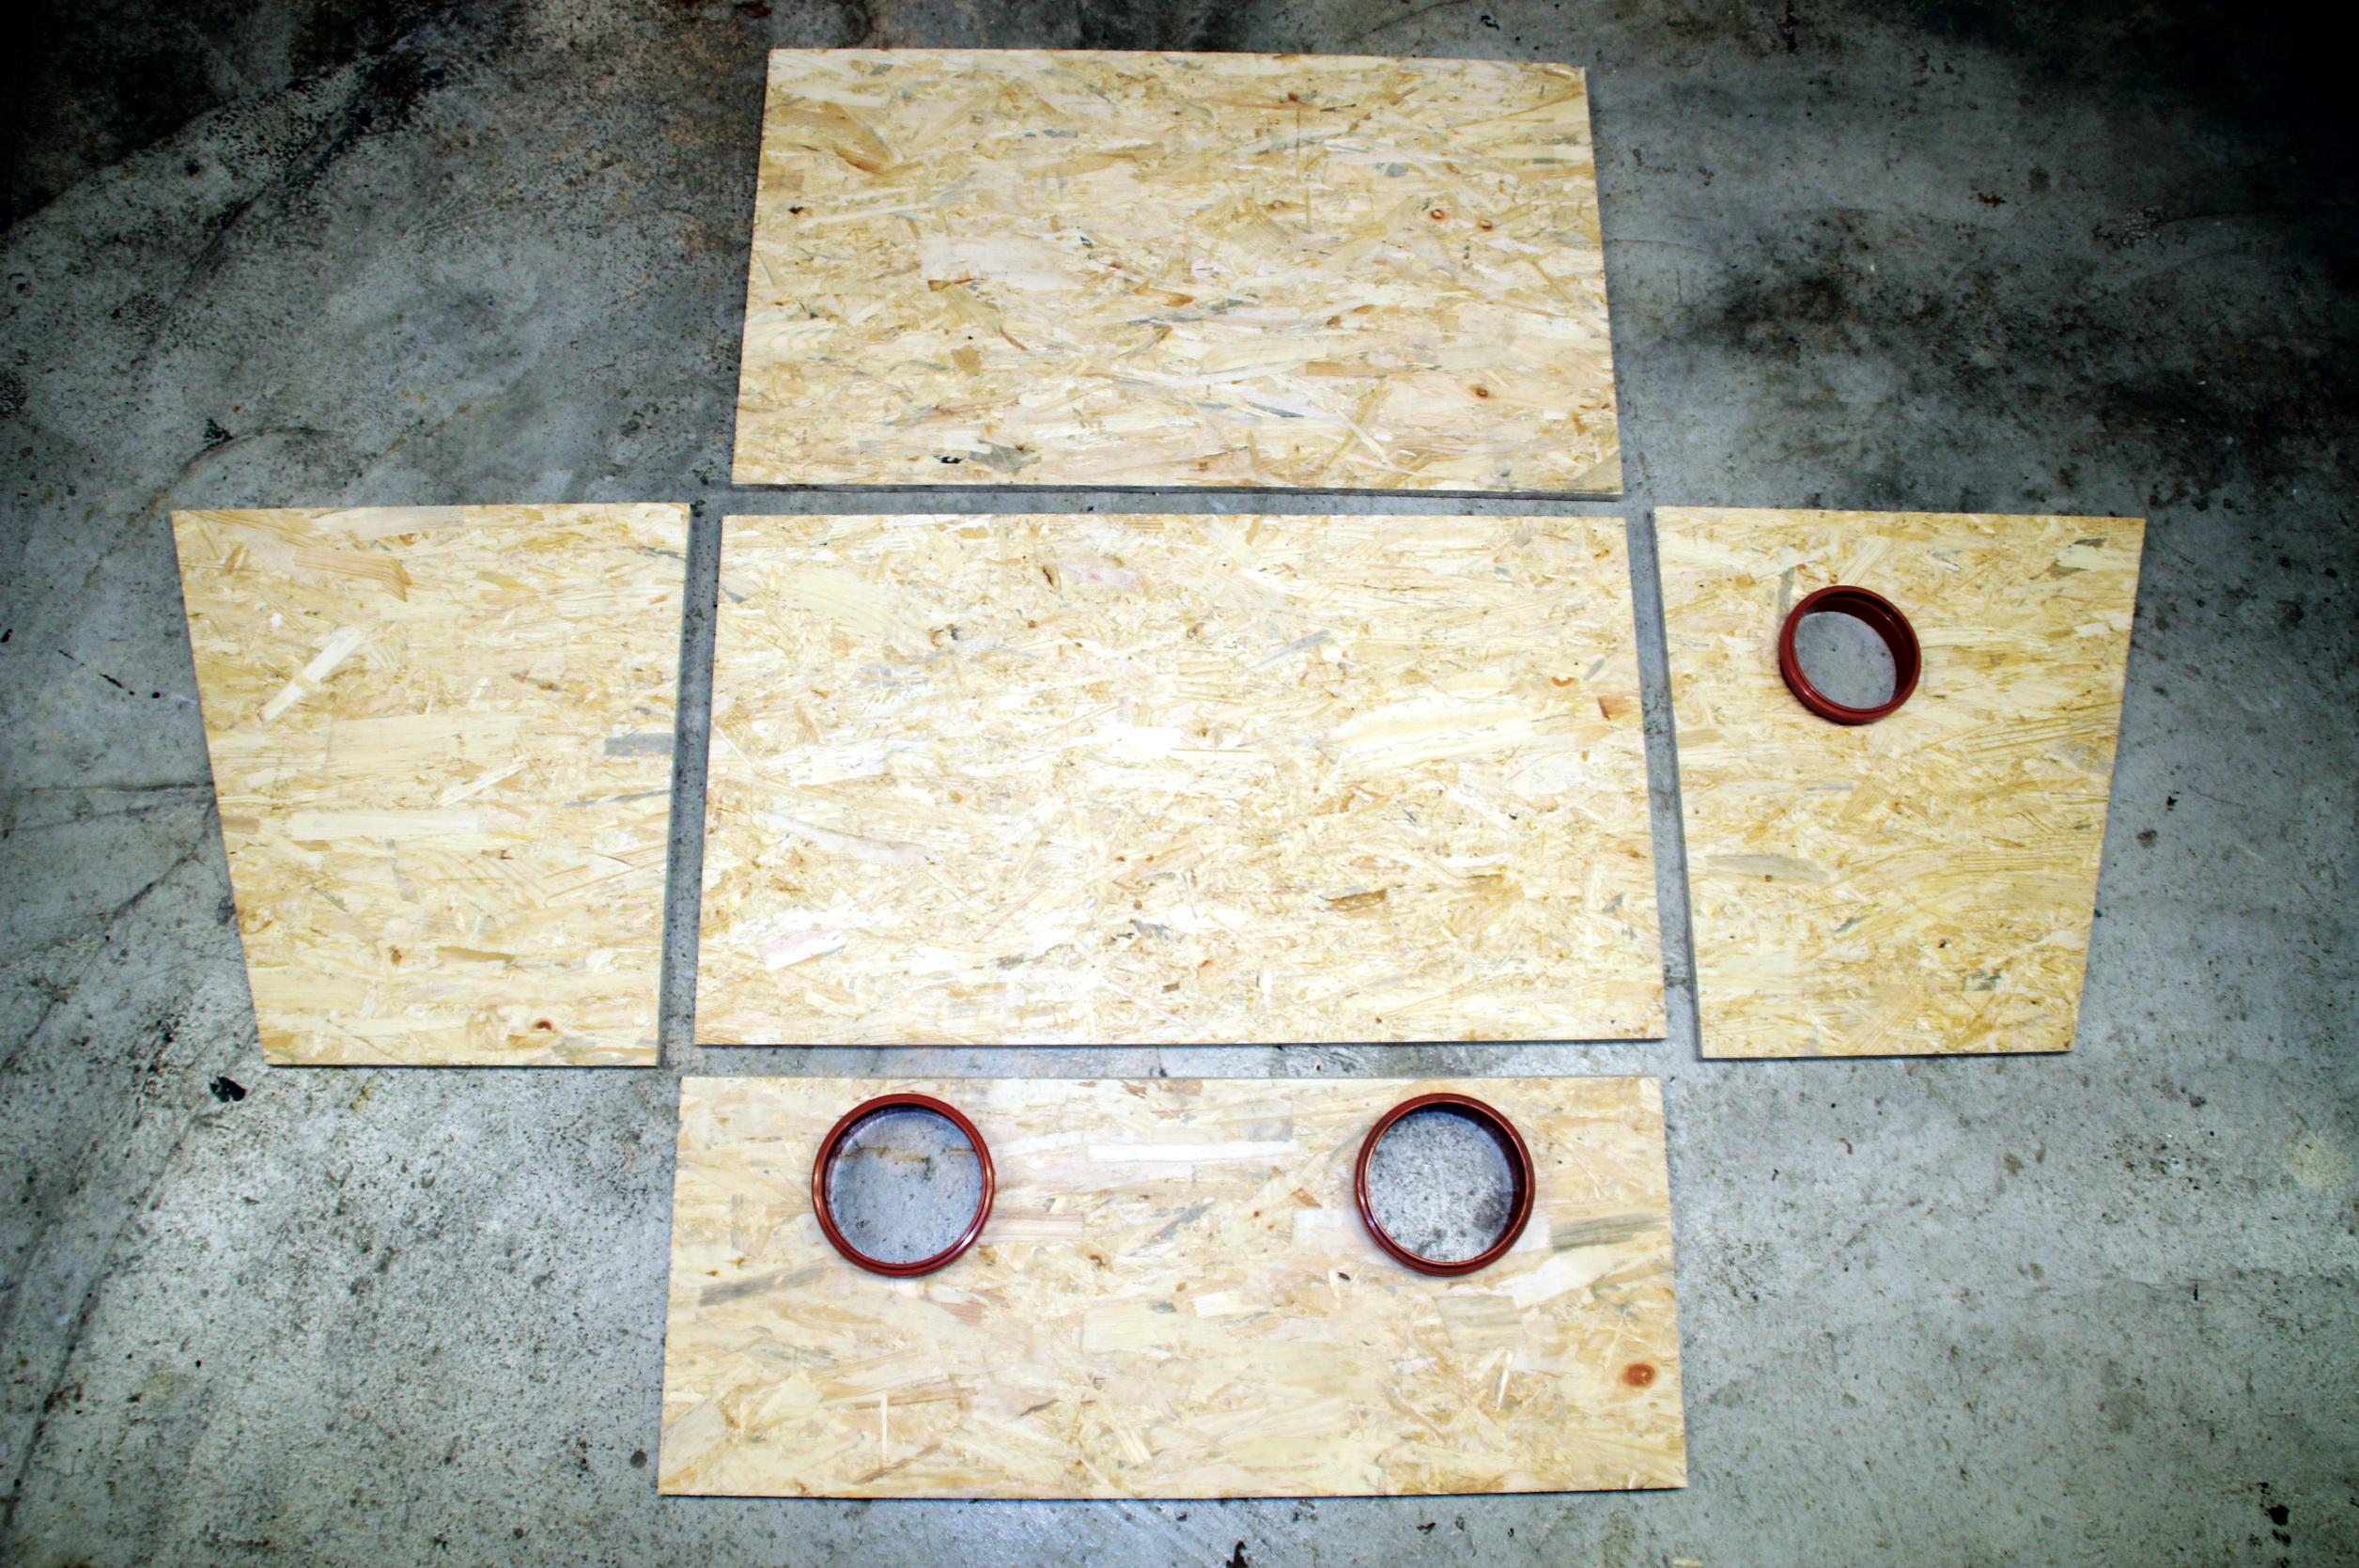 sandstrahler selber bauen sandstrahlen von holz eine anleitung selbst sandstrahlen wie geht. Black Bedroom Furniture Sets. Home Design Ideas